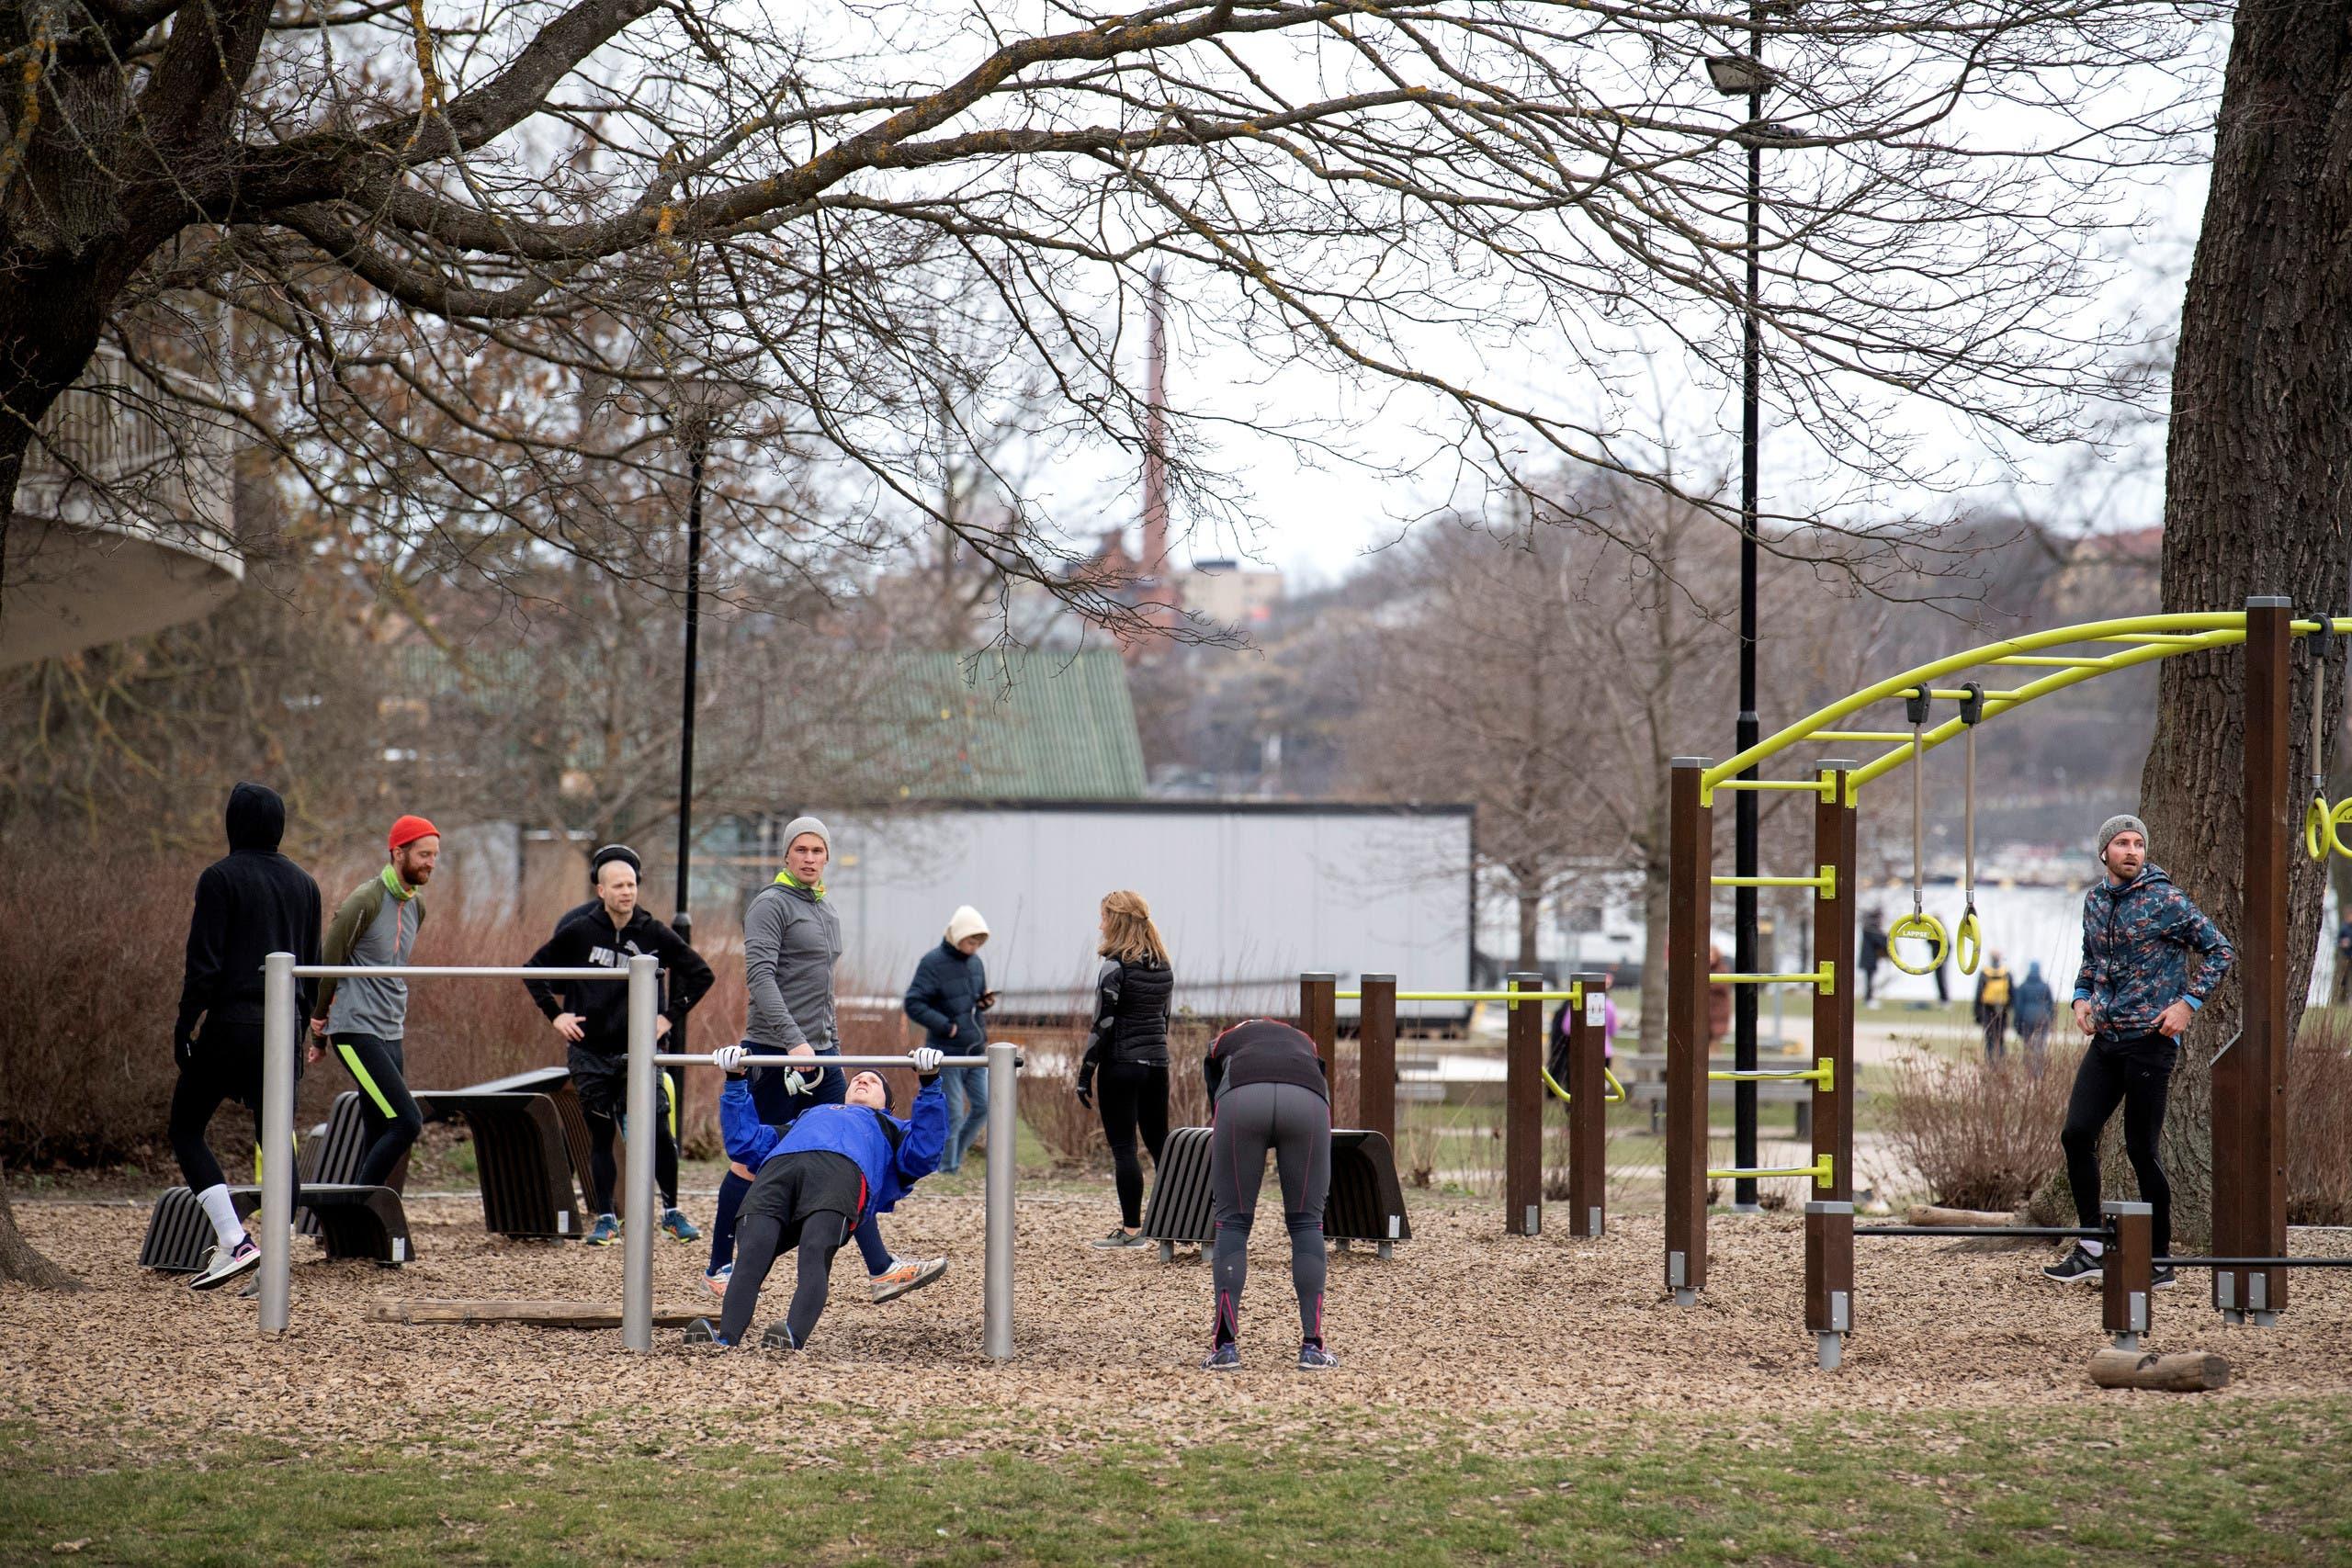 سكان يمارسون الرياضة في حديقة عامة بستوكهولم